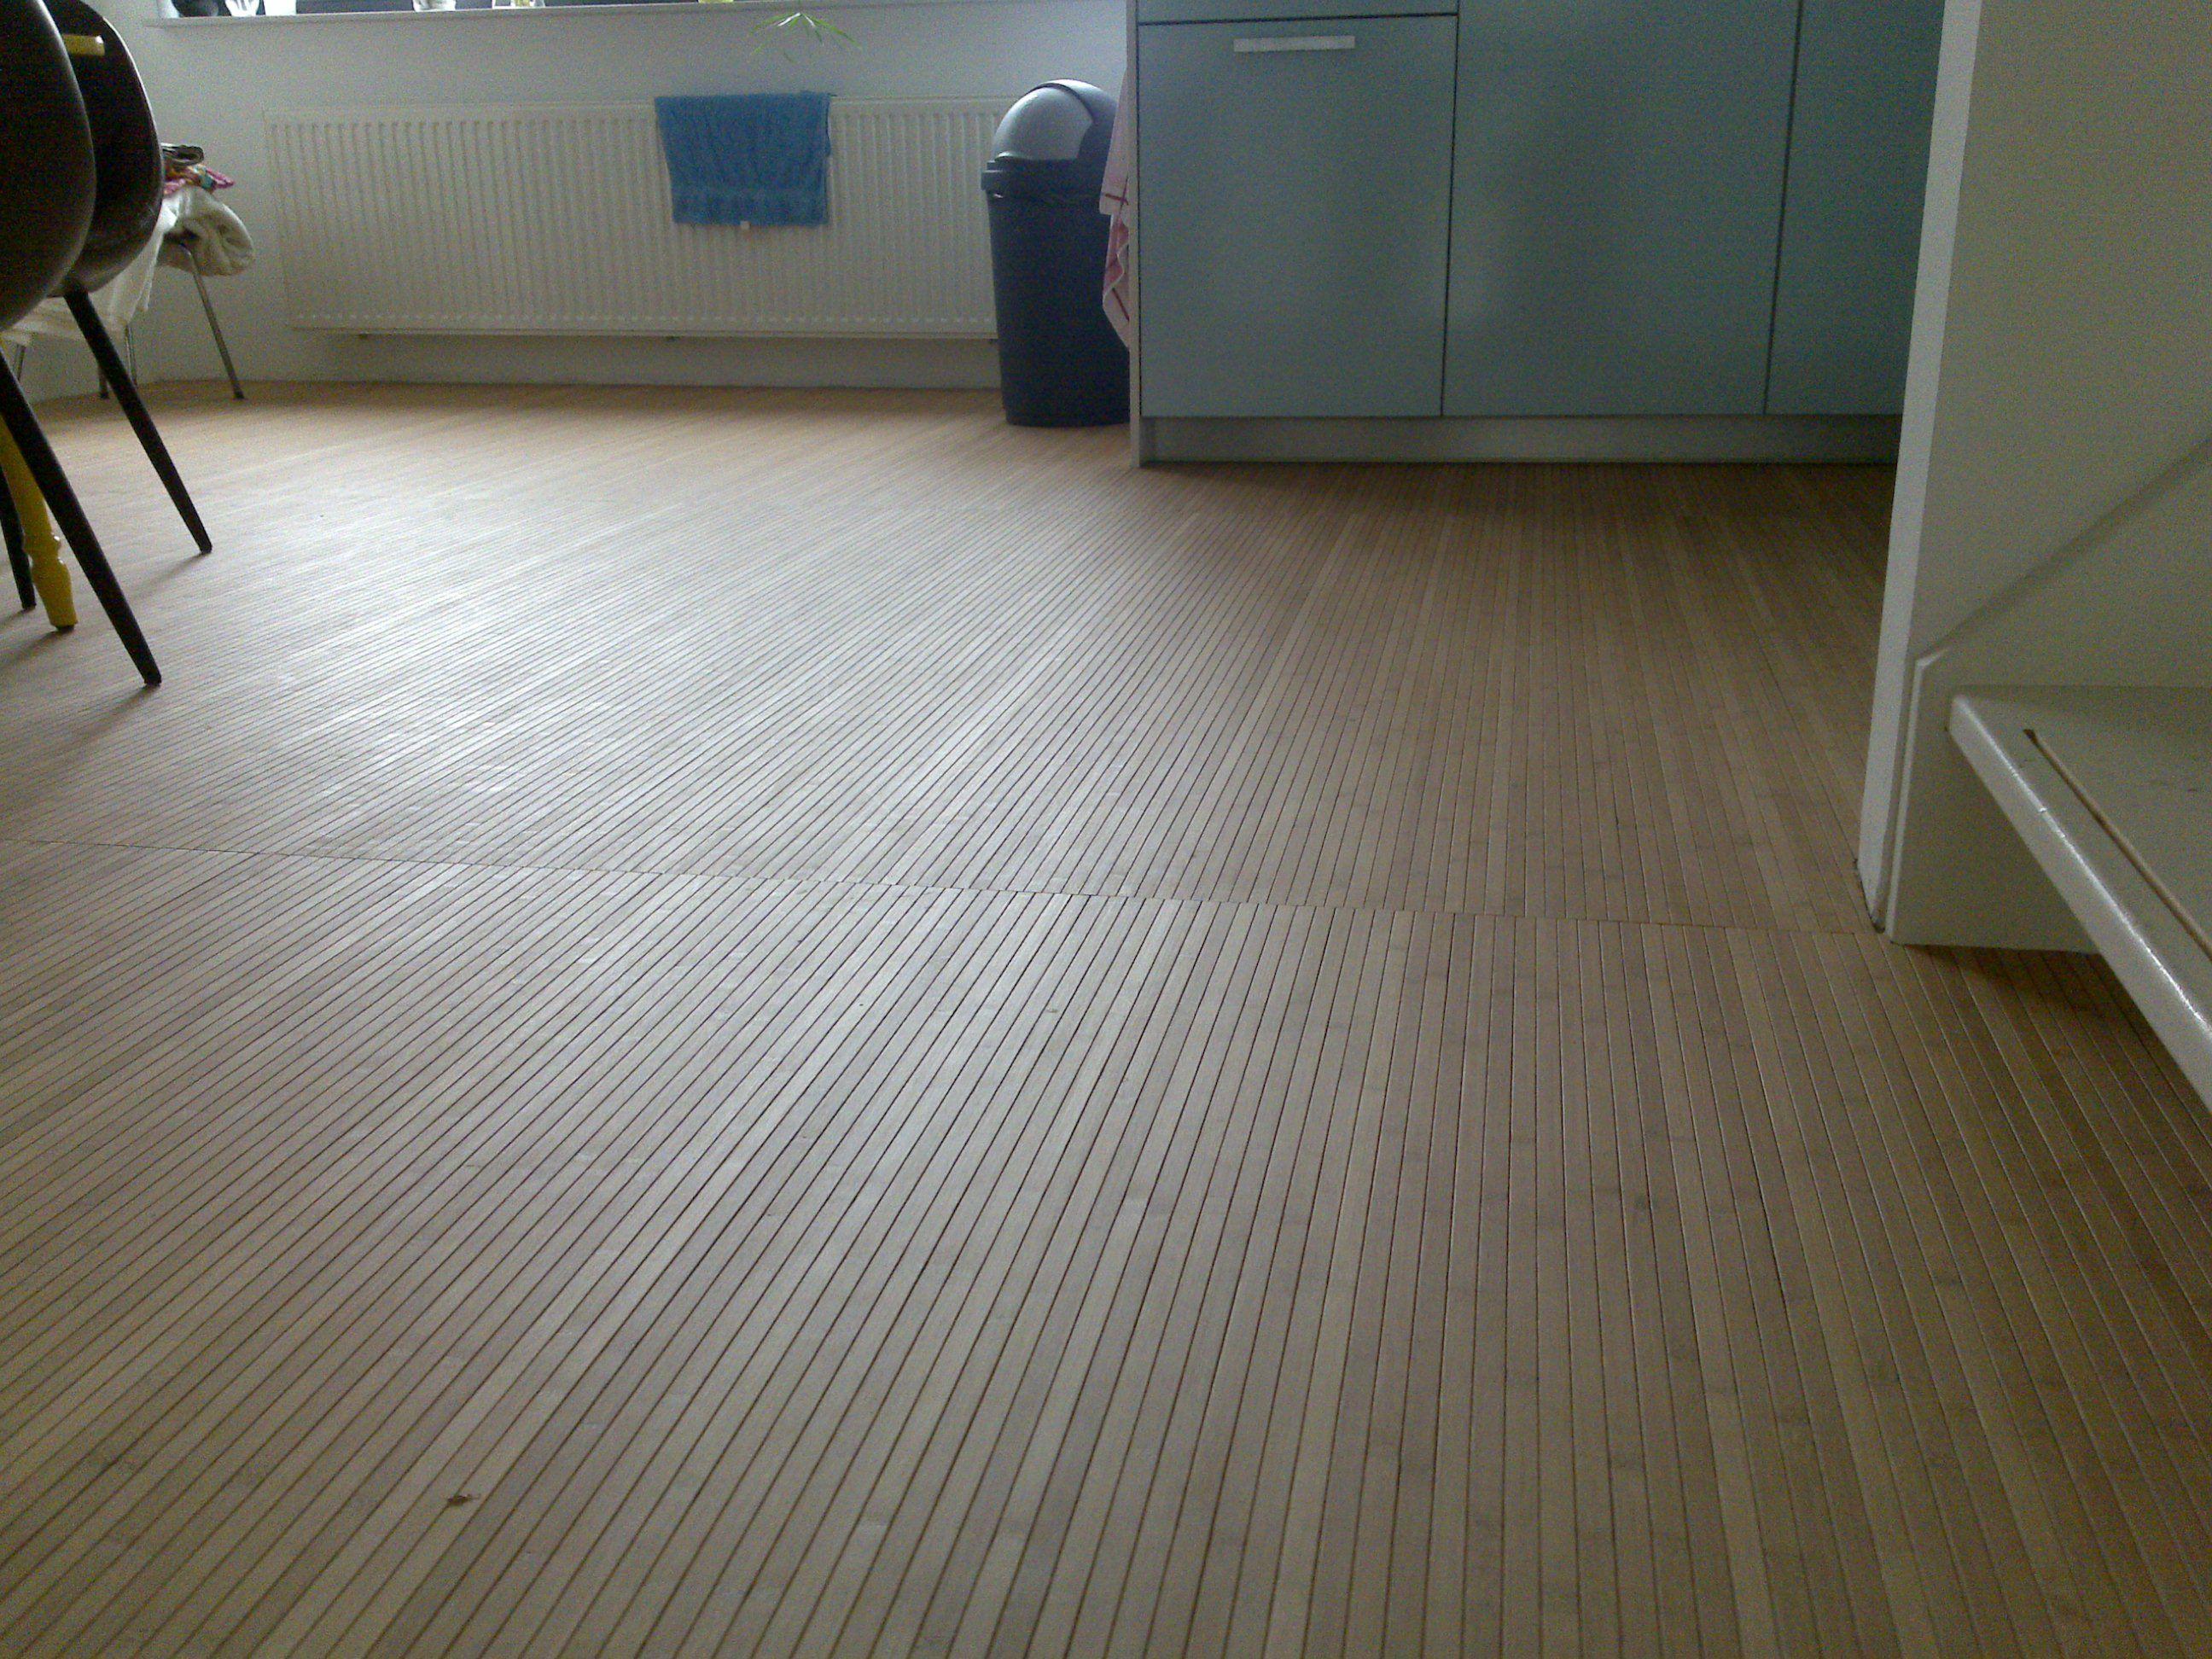 bamboevloer van de rol vloer pinterest bamboe vloeren en